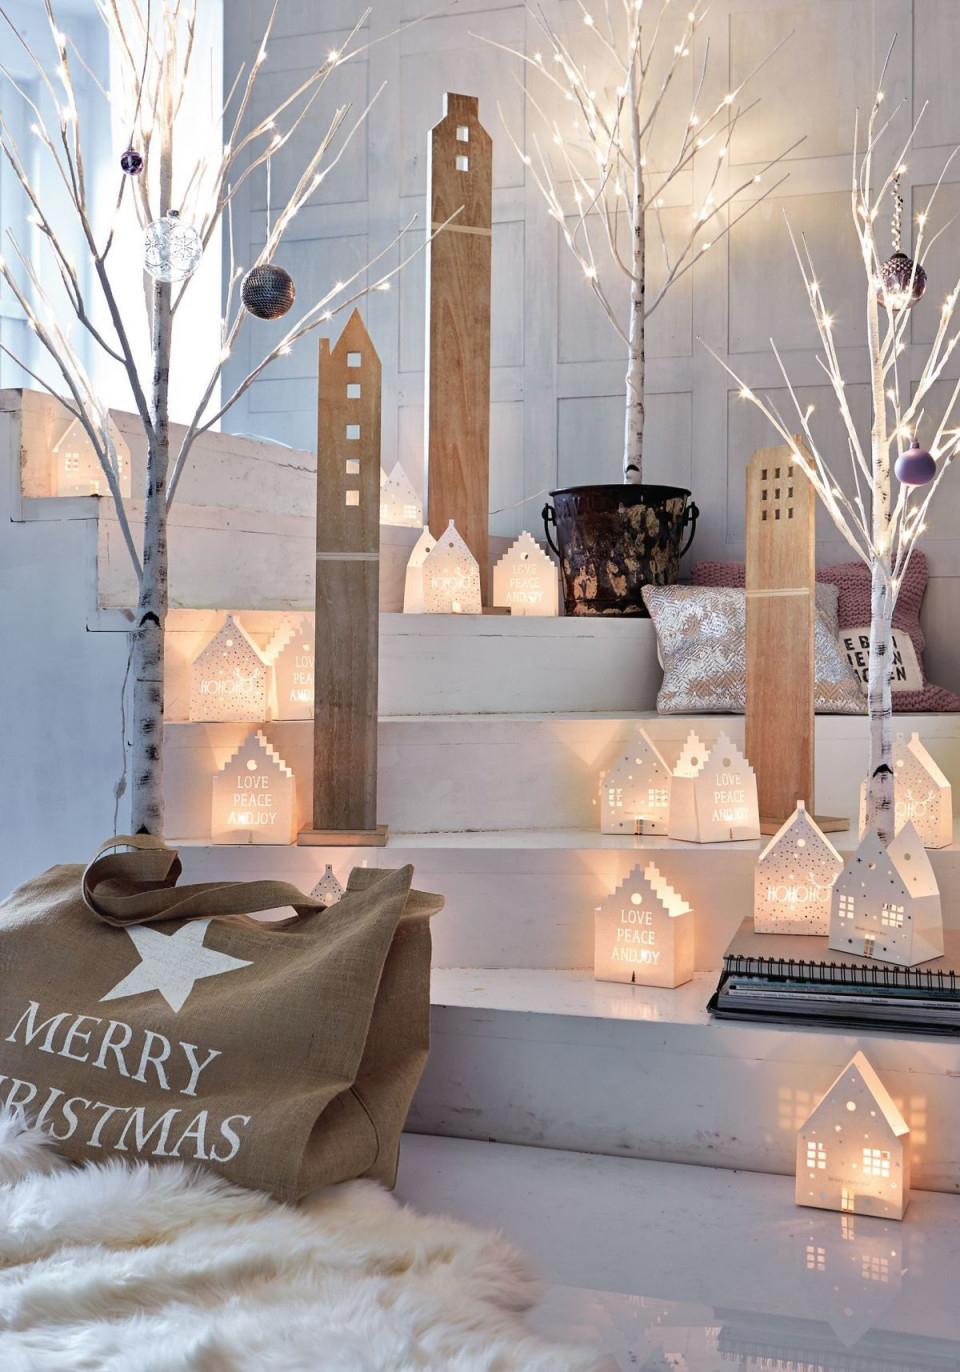 Dekohausset 3Tlg Weiß Gewischt Mit von Deko Set Wohnzimmer Bild